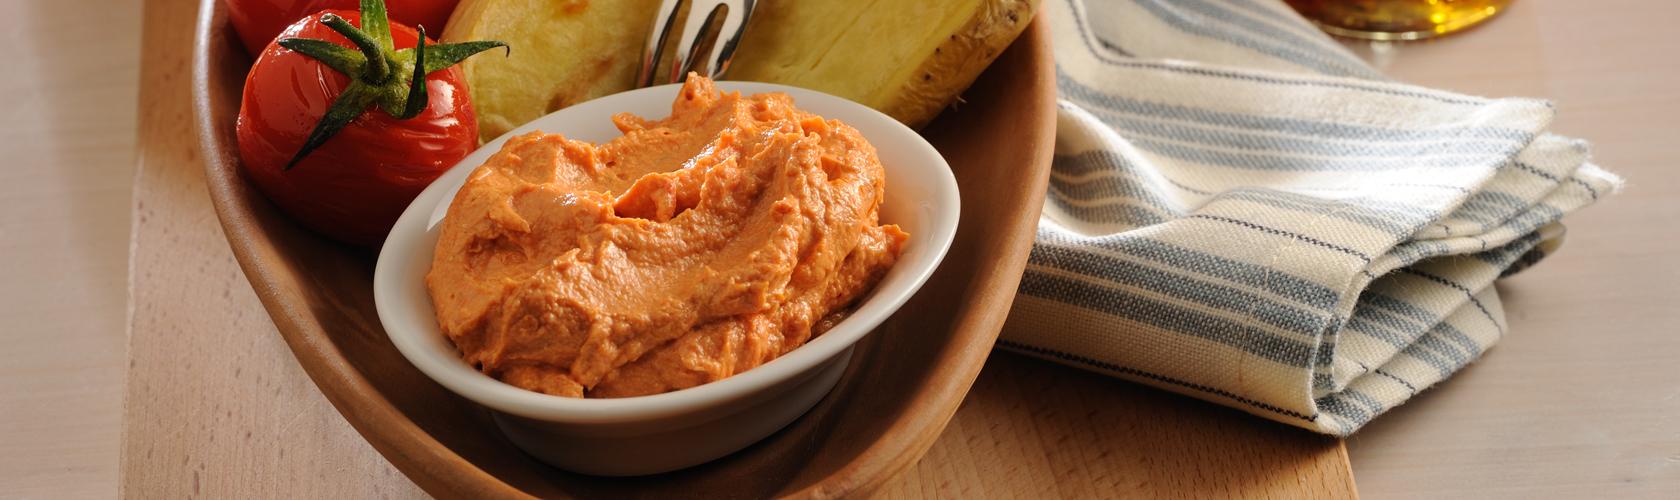 Tomaten-Dip mit Weichkäse